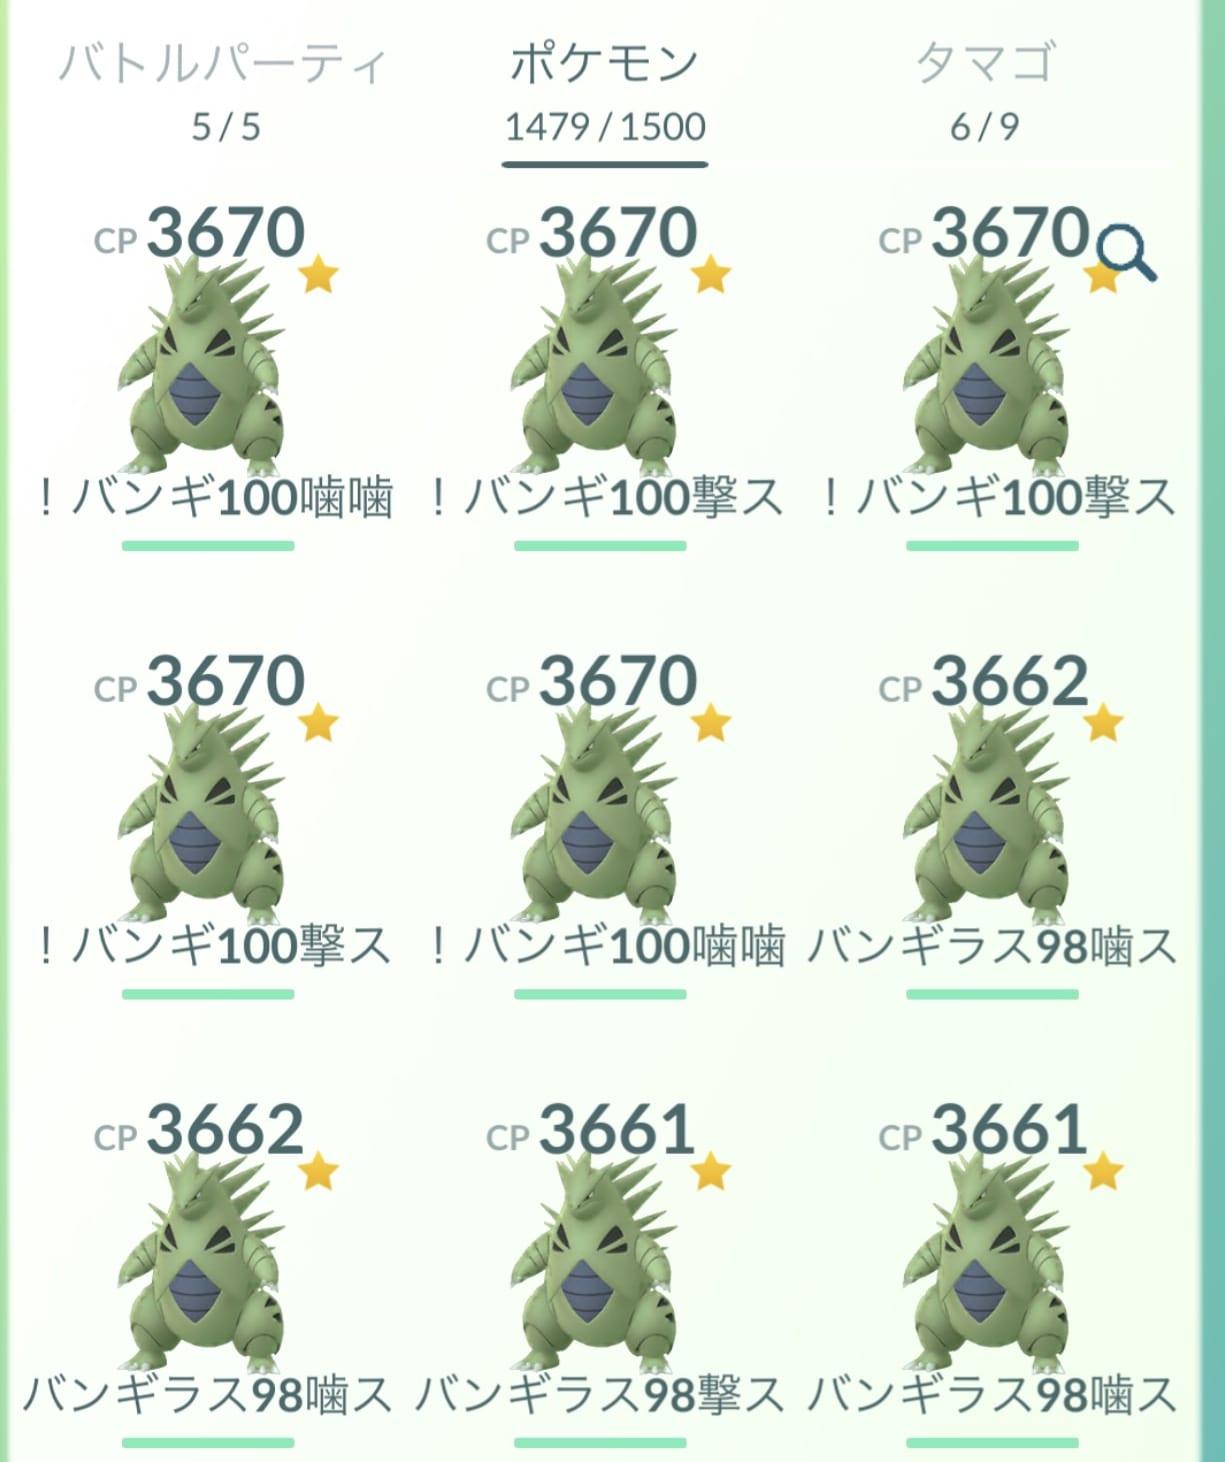 【ポケモンGO】カンストしているポケモン数はどれくらい!?100体超えは当たり前!?